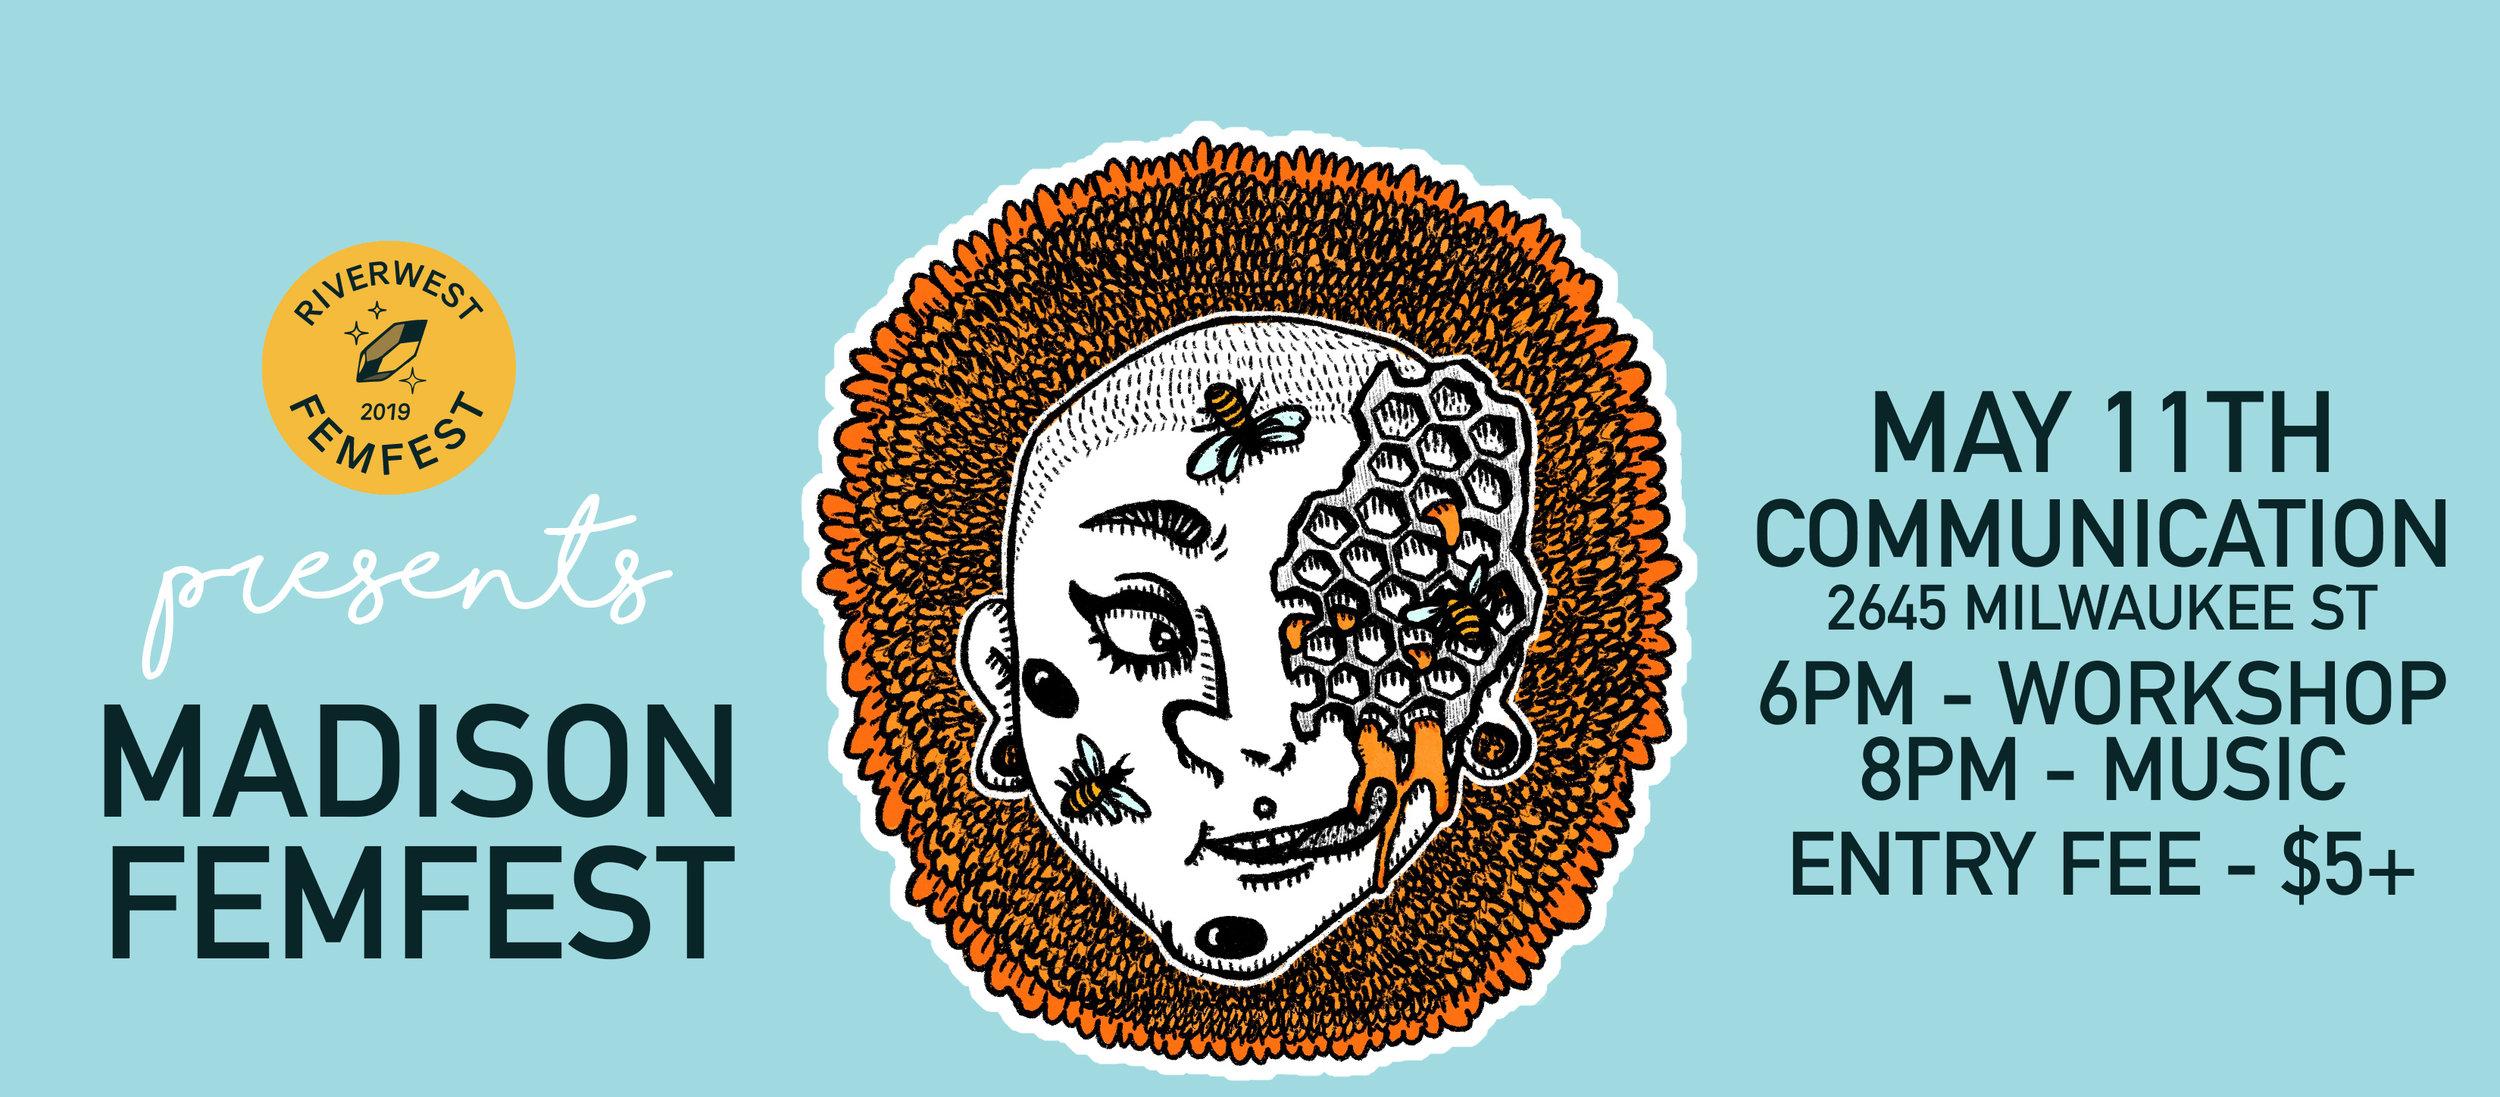 FemFest poster by T.L. Luke.